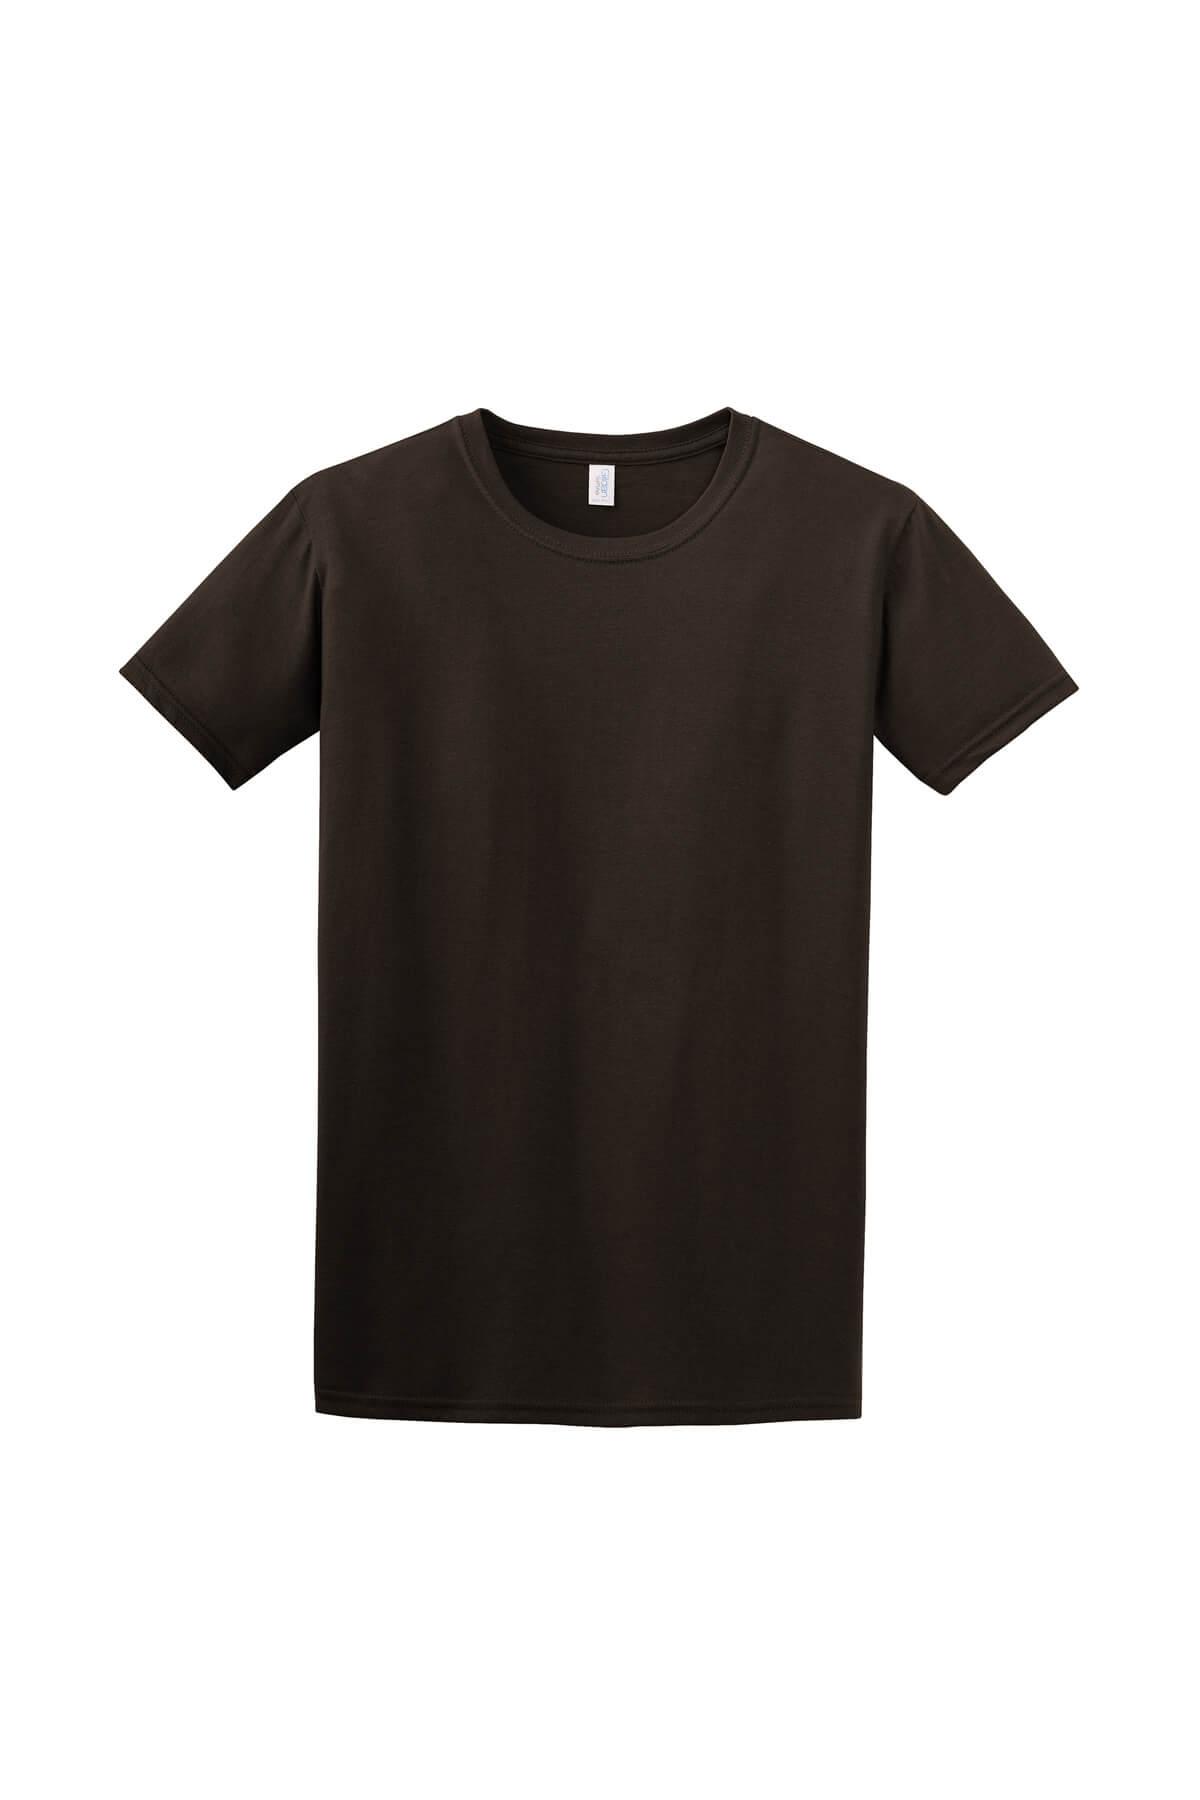 Dark Chocolate T-Shirt Front